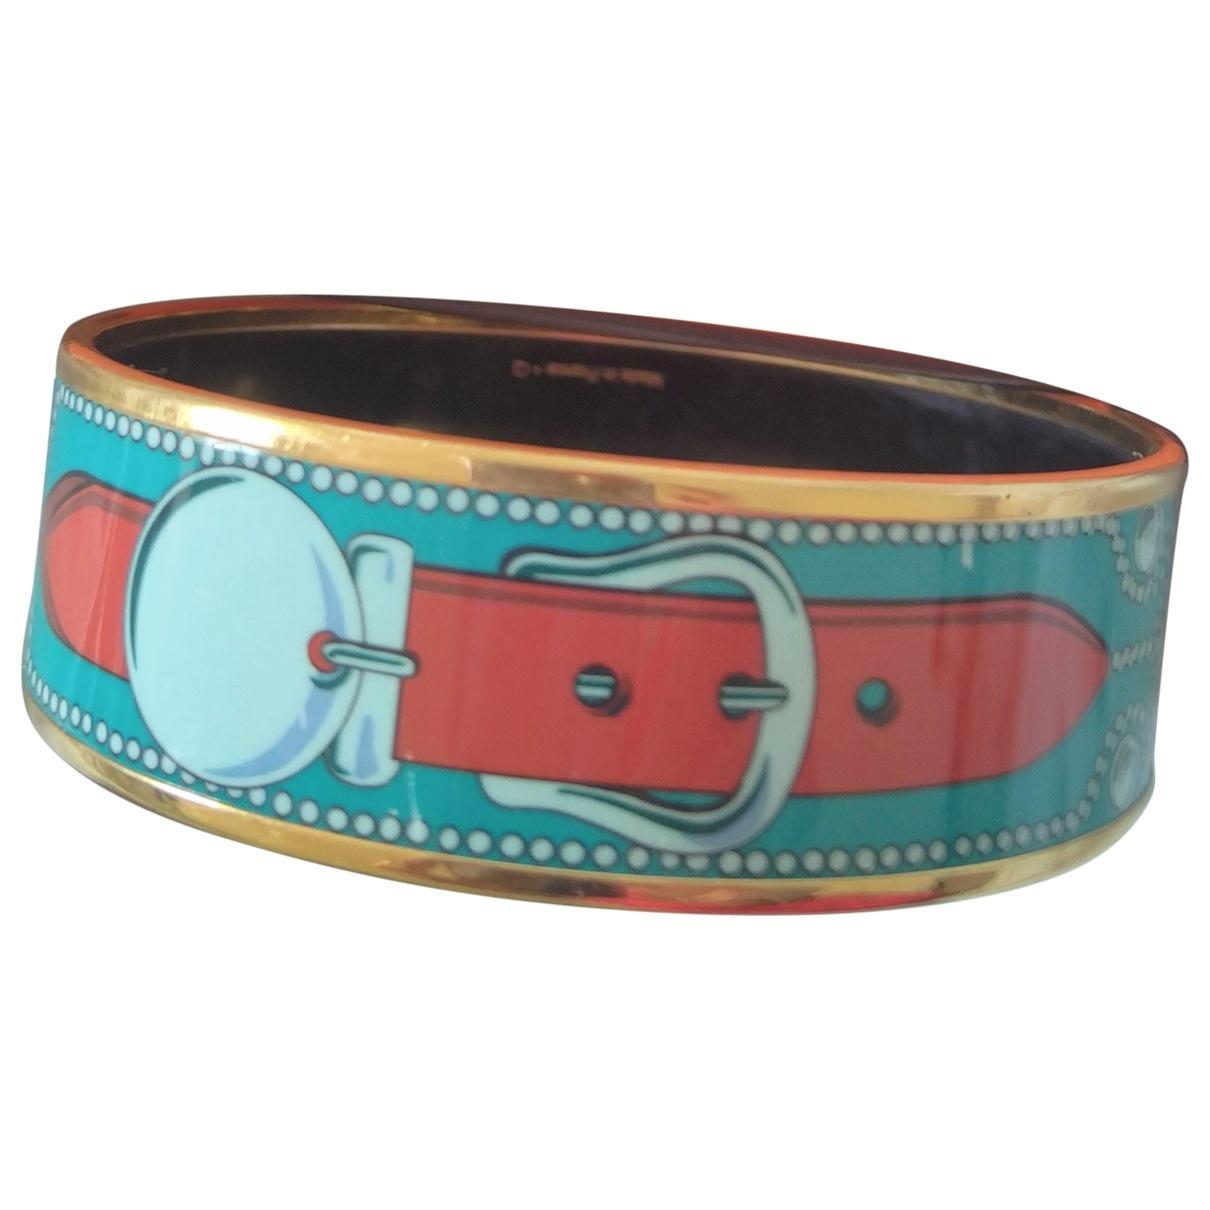 Hermes - Bracelet Bracelet Email pour femme en metal - multicolore